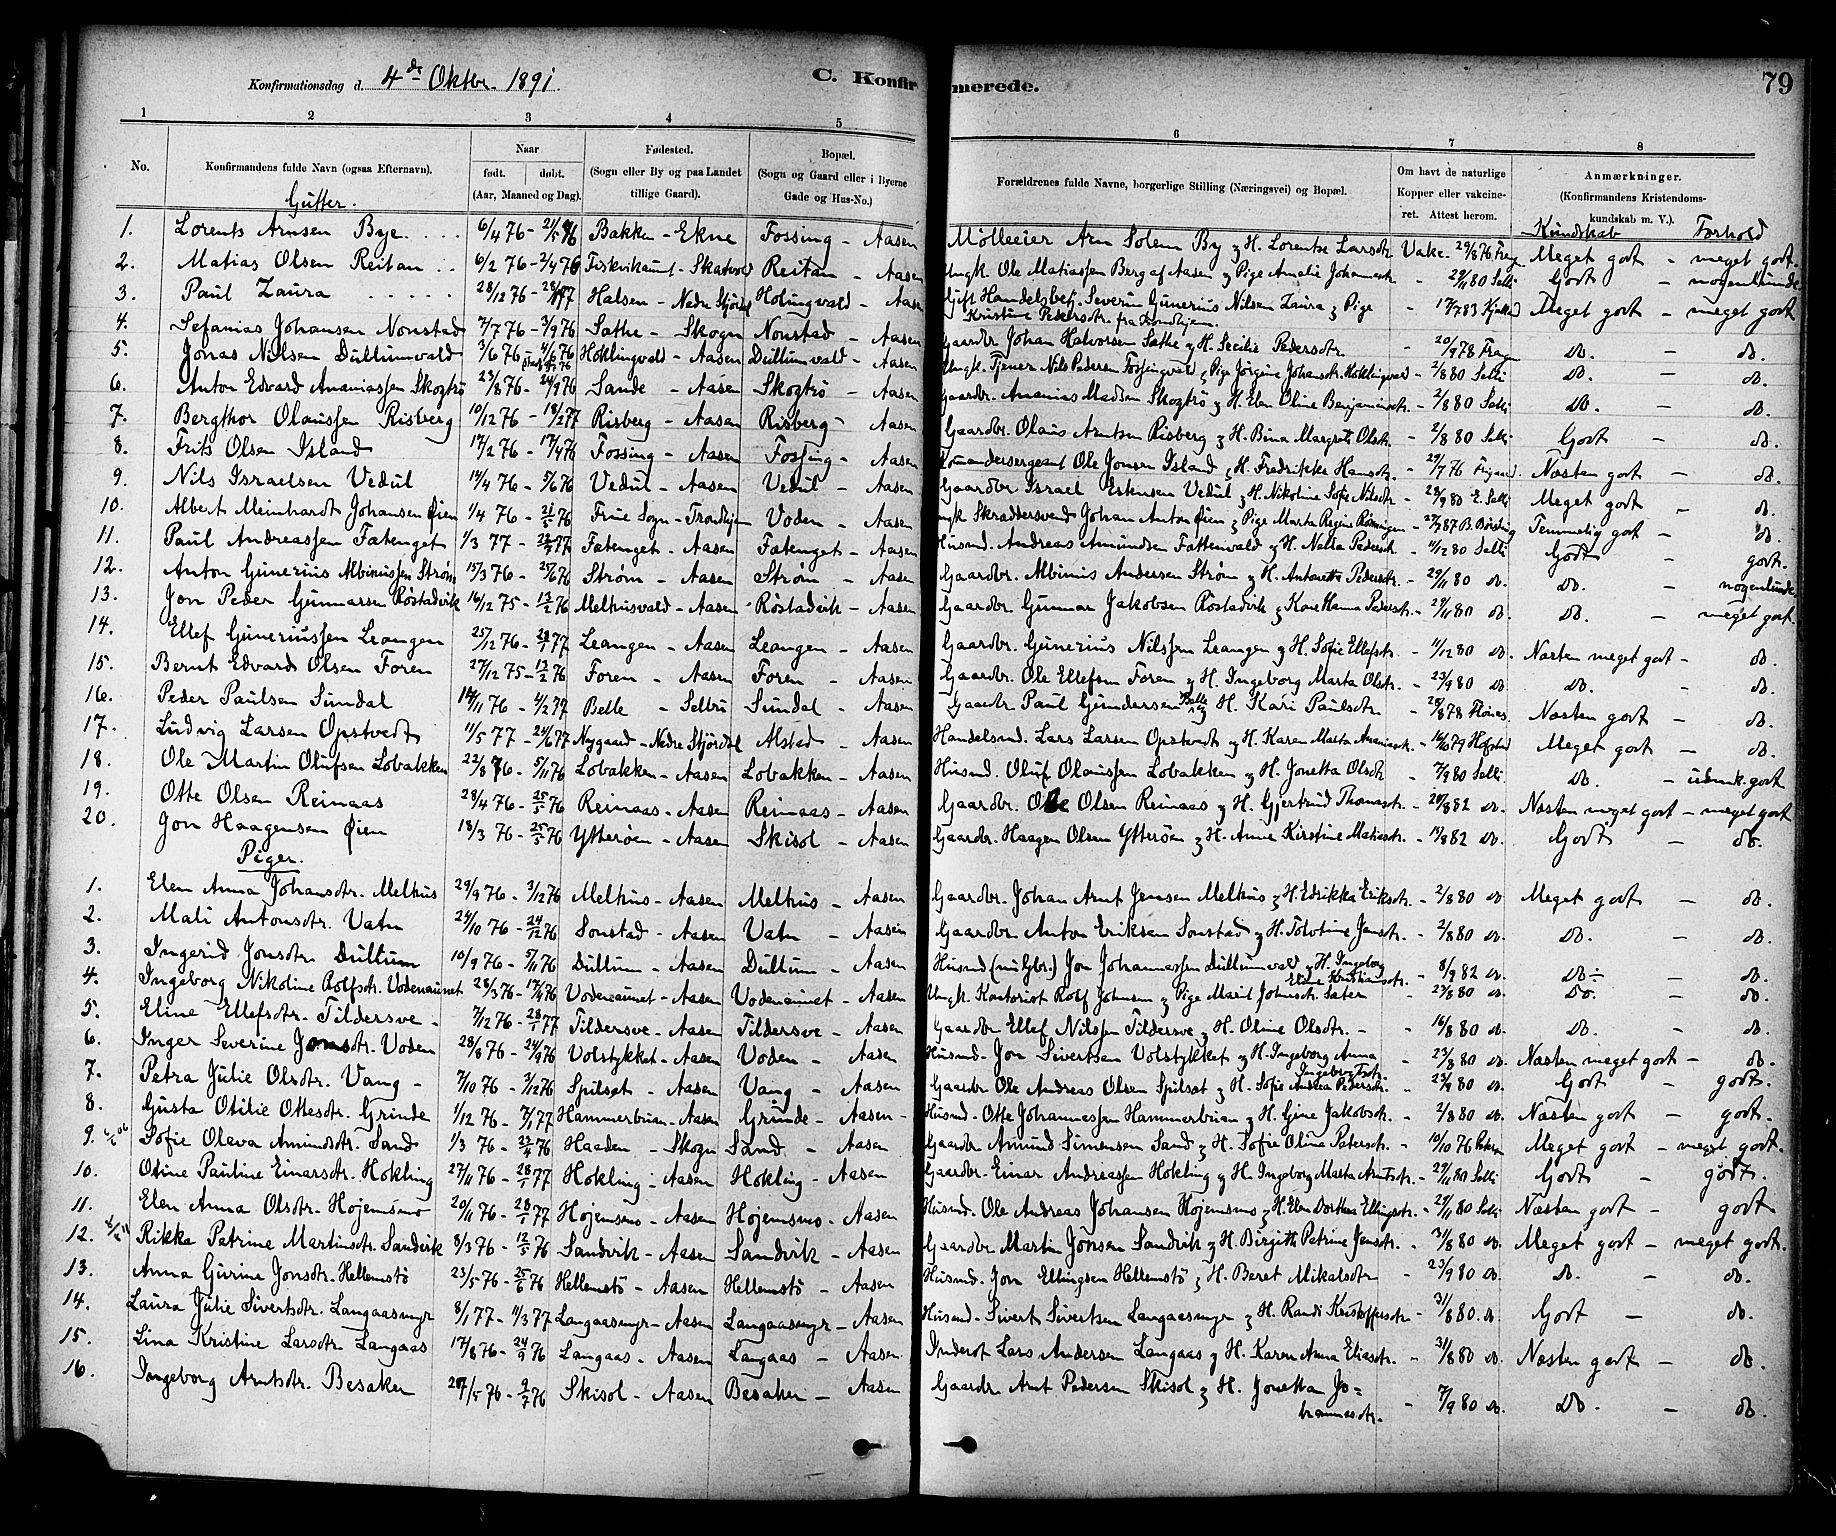 SAT, Ministerialprotokoller, klokkerbøker og fødselsregistre - Nord-Trøndelag, 714/L0130: Ministerialbok nr. 714A01, 1878-1895, s. 79